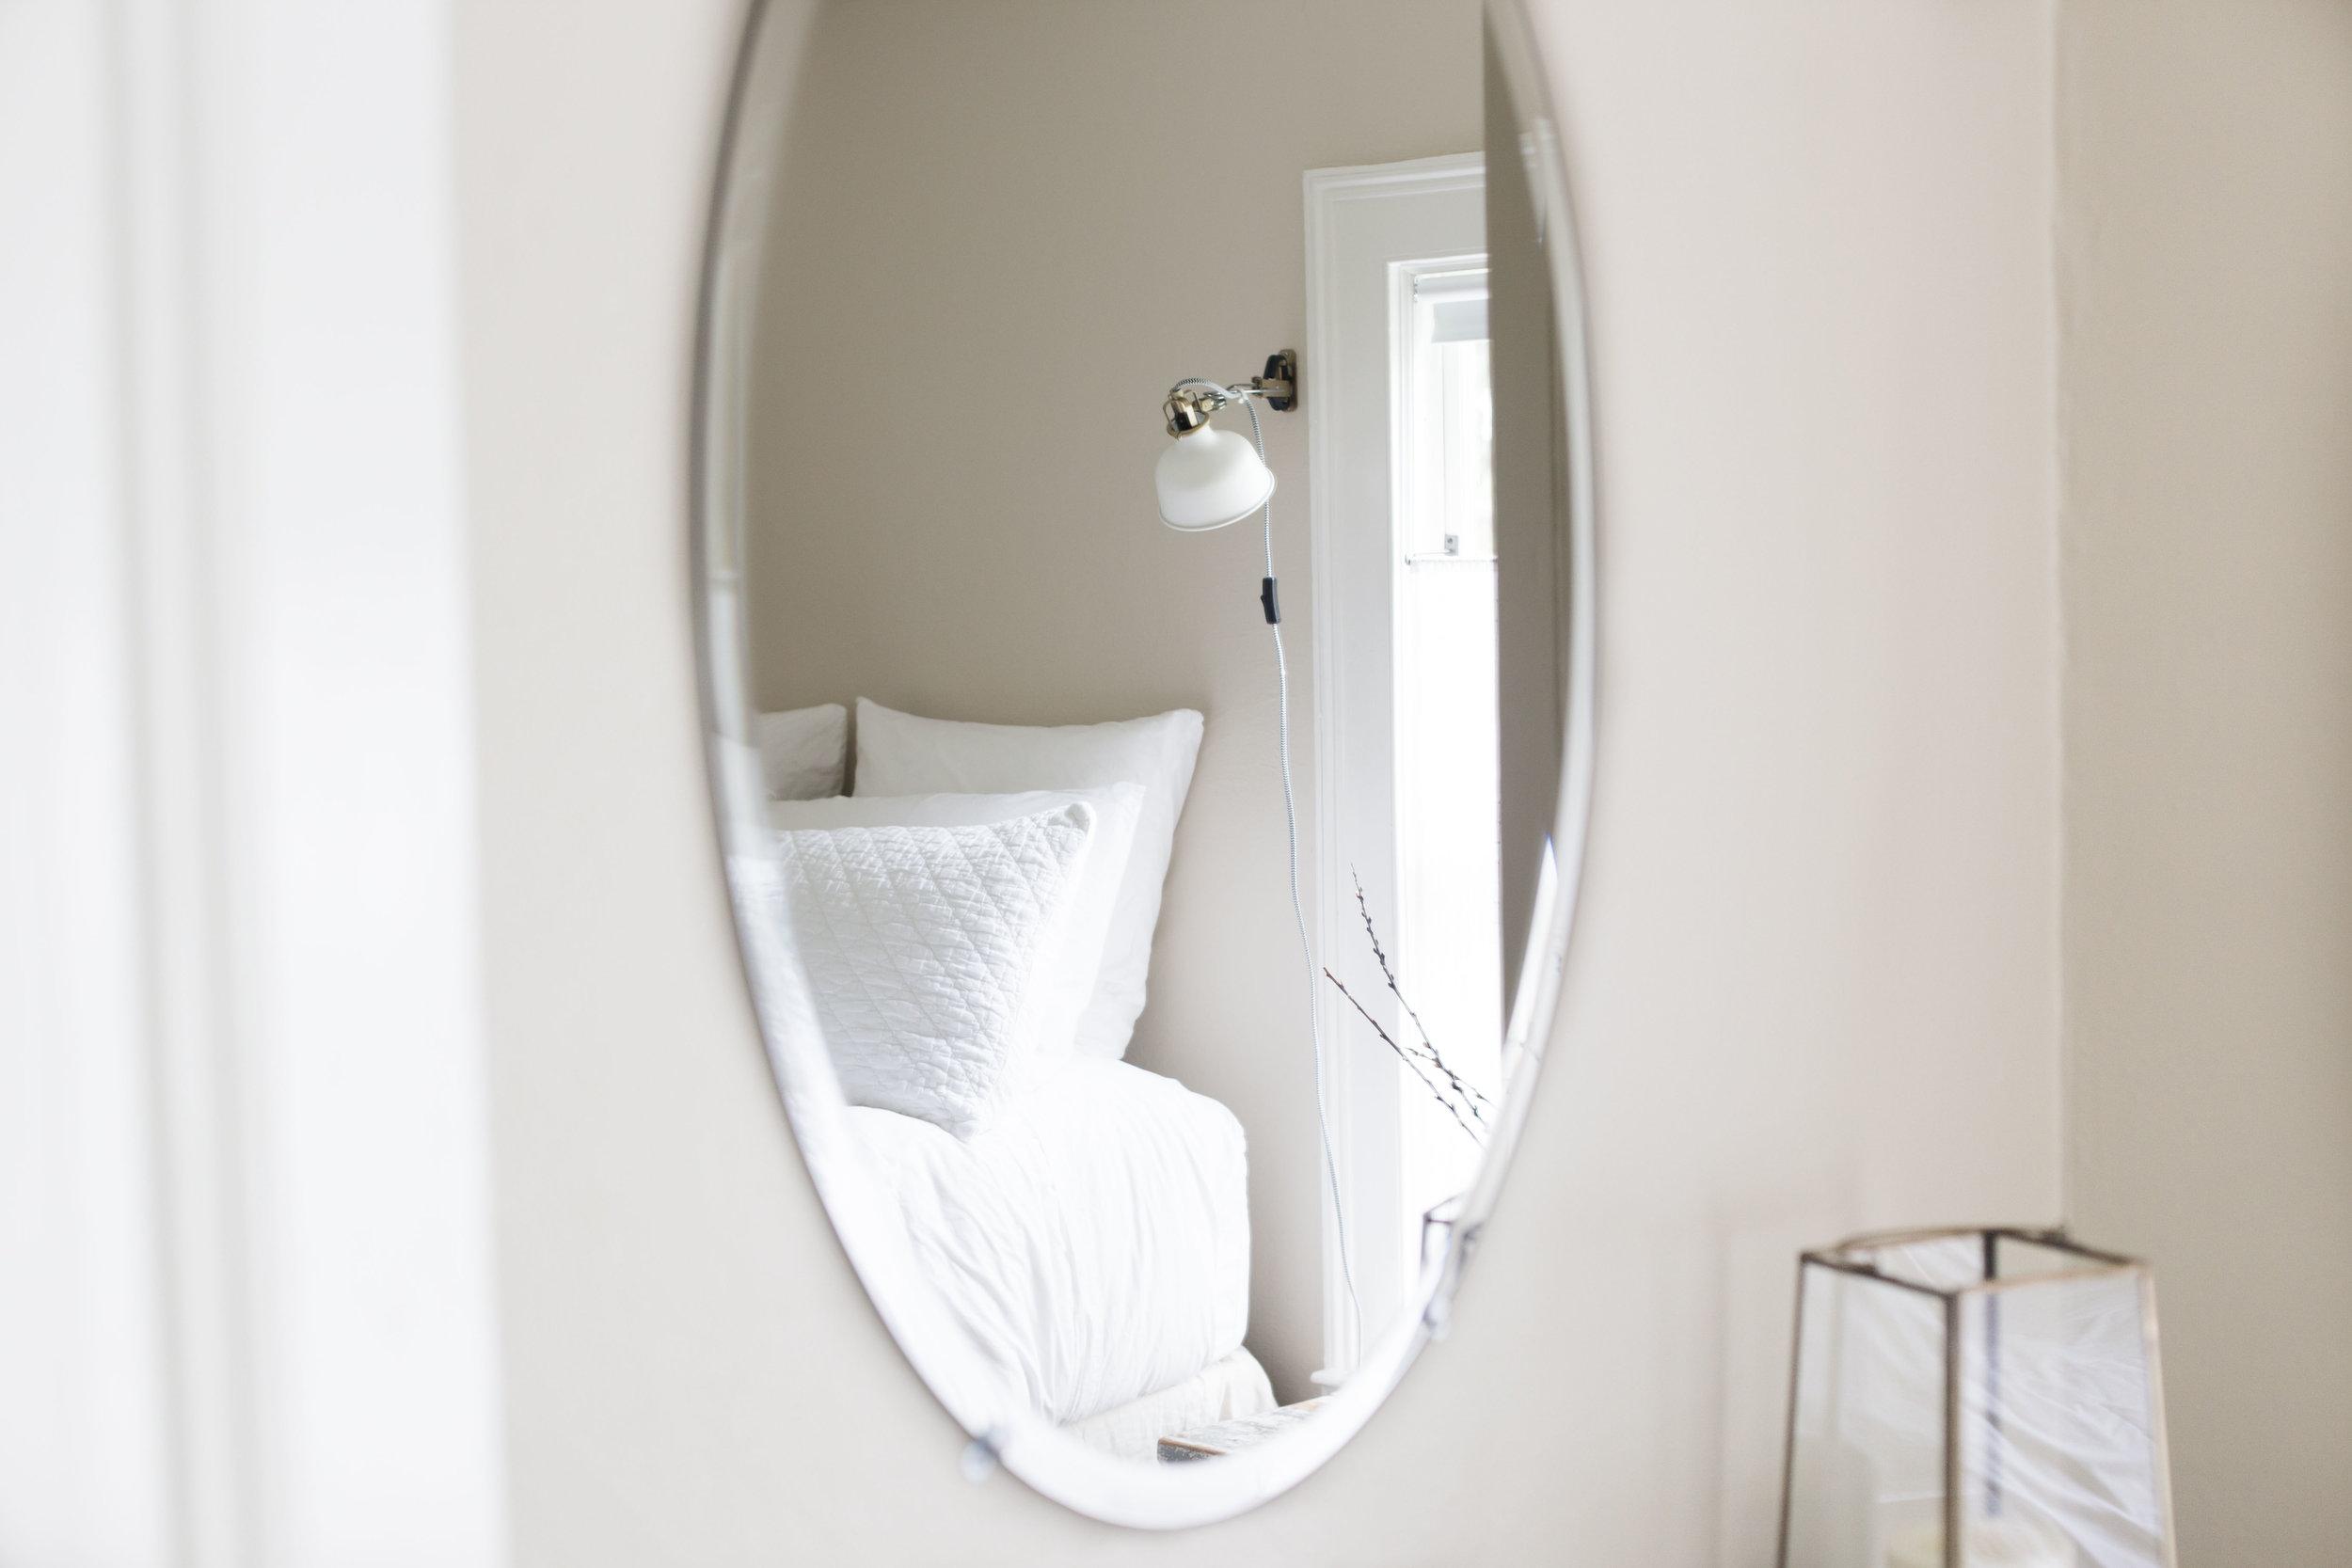 straus_mirror